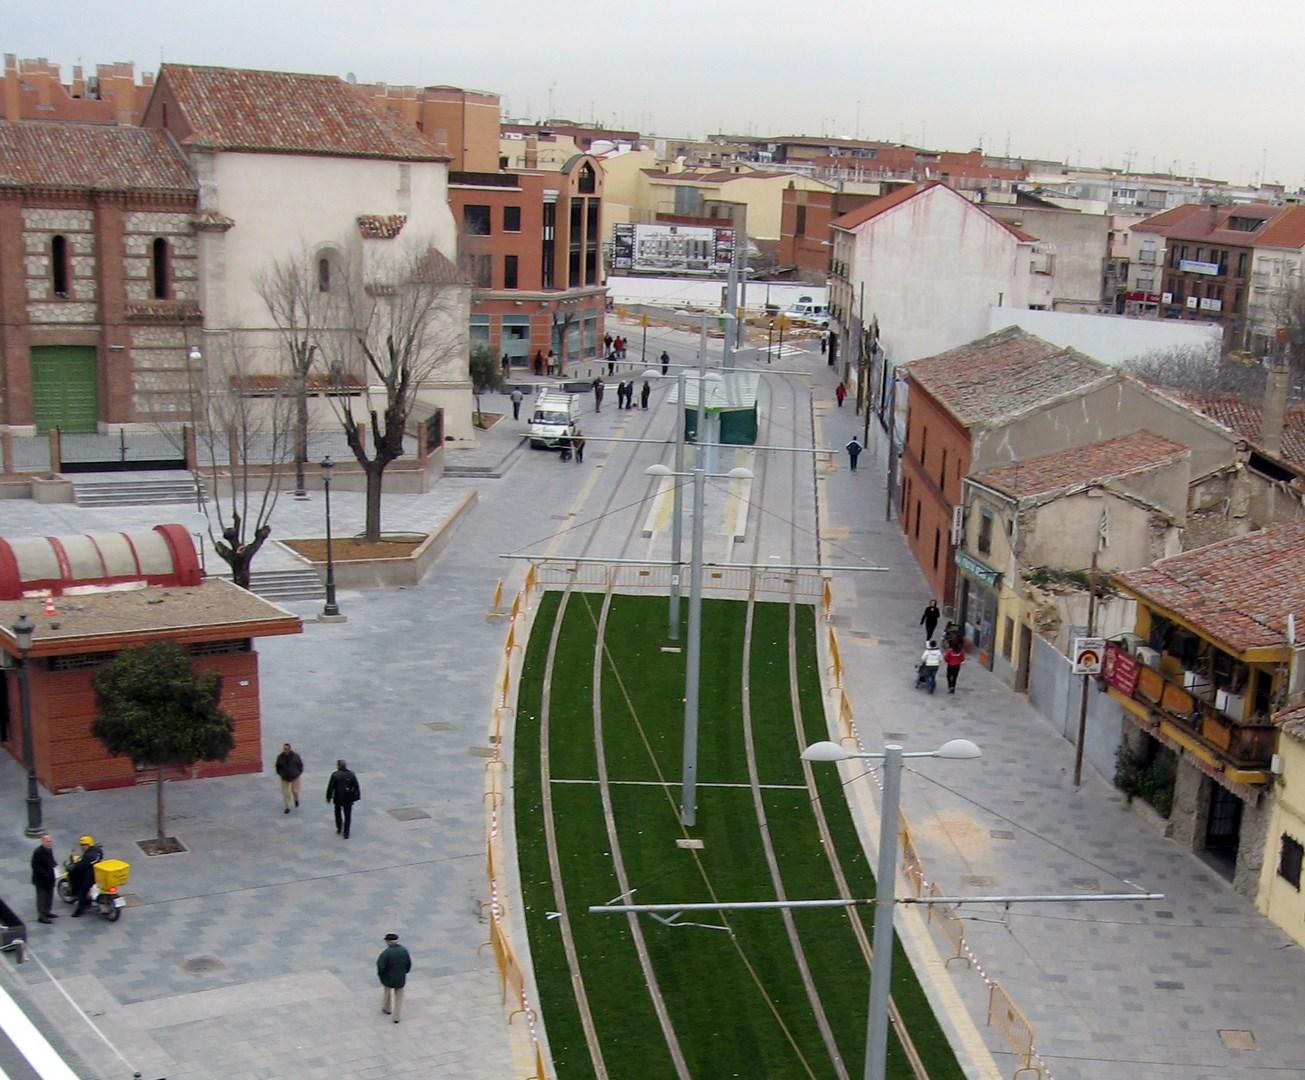 Calle Real en la actualidad, transformada en una calle peatonal